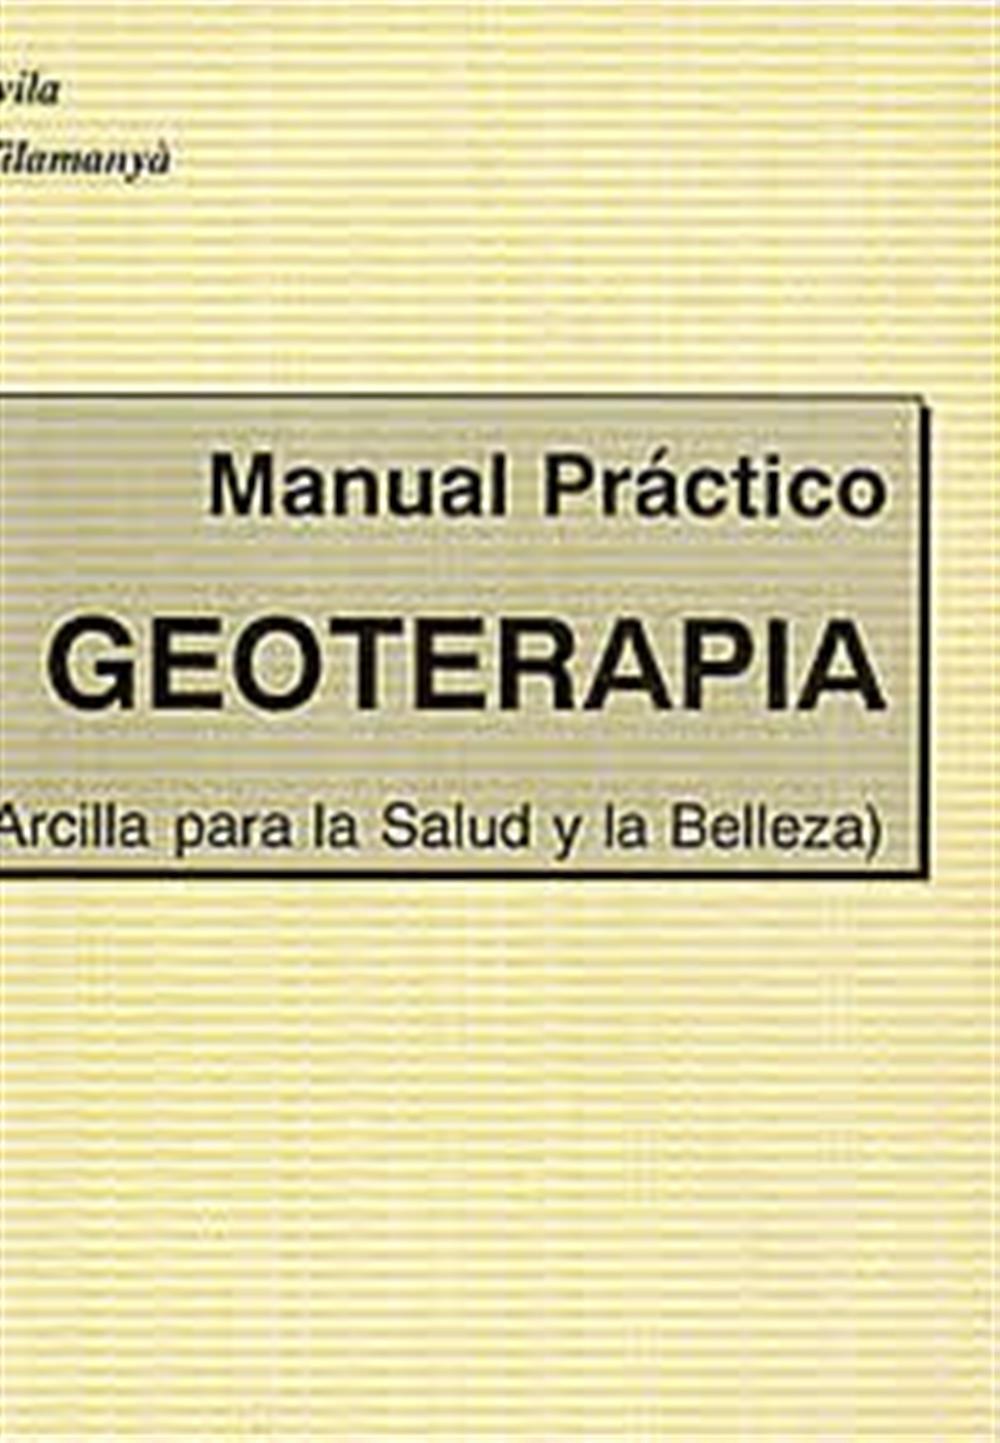 Manual Práctico de Geoterapia-(Arcilla para la salud y la belleza)